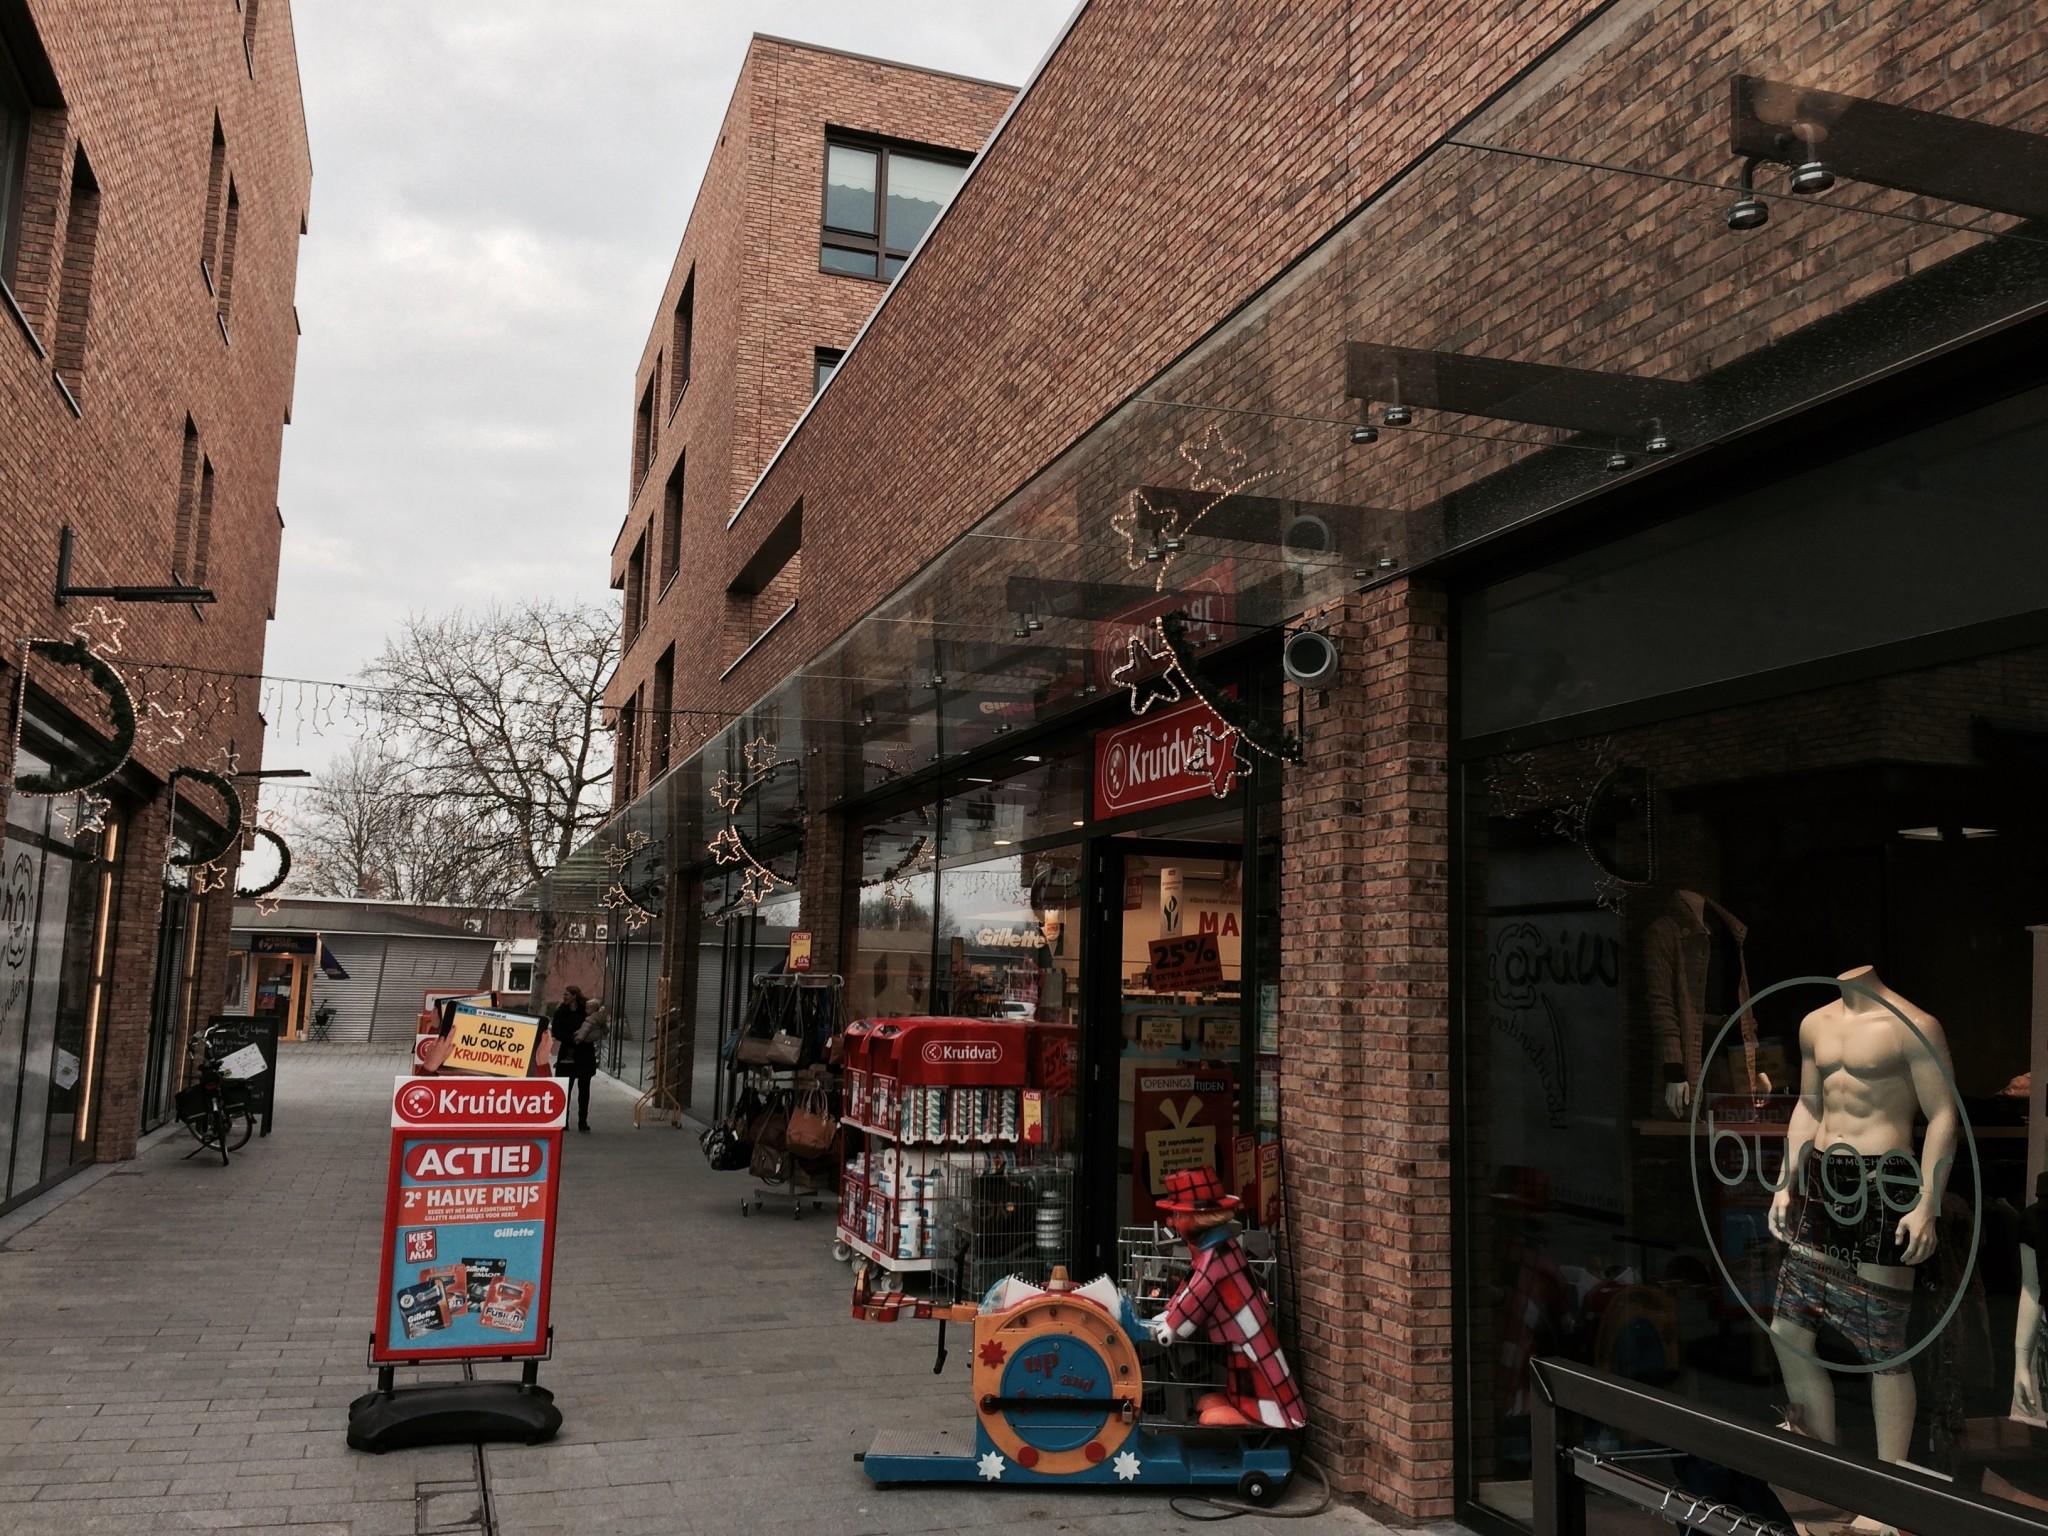 Winkelcentrum Miereakker Reeuwijk